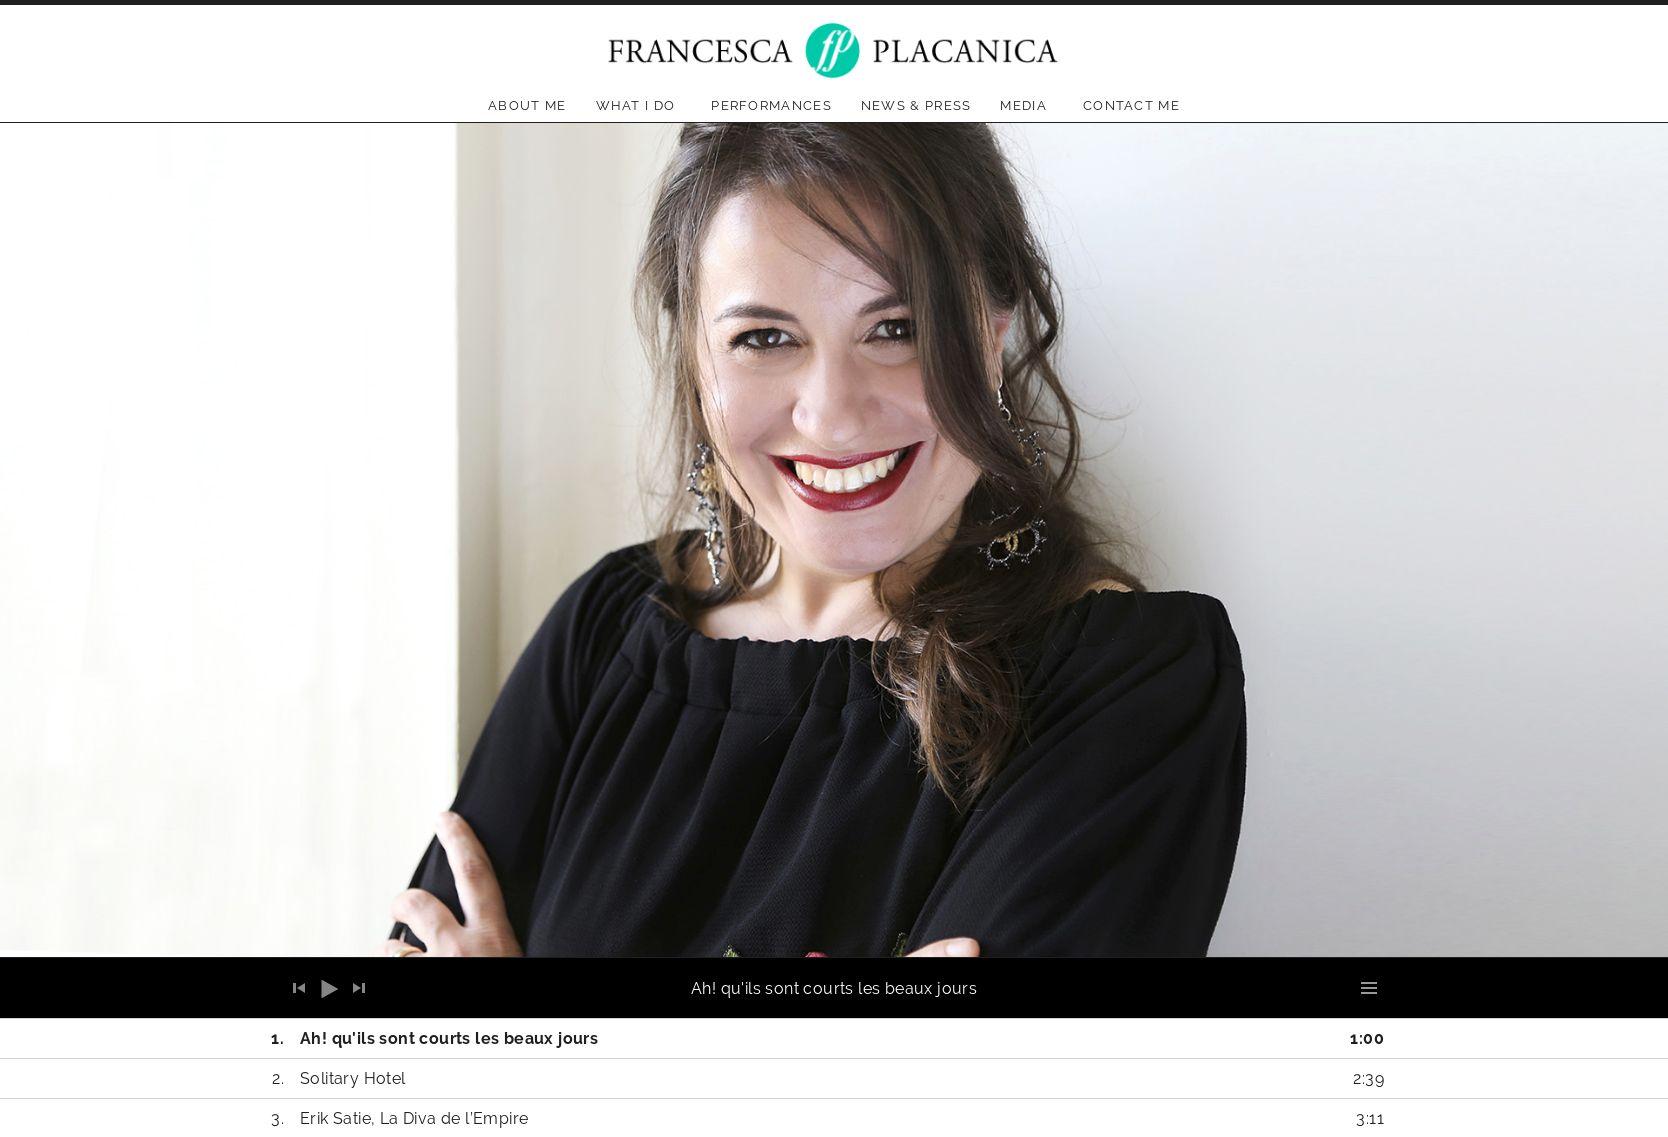 Francesca Placanica